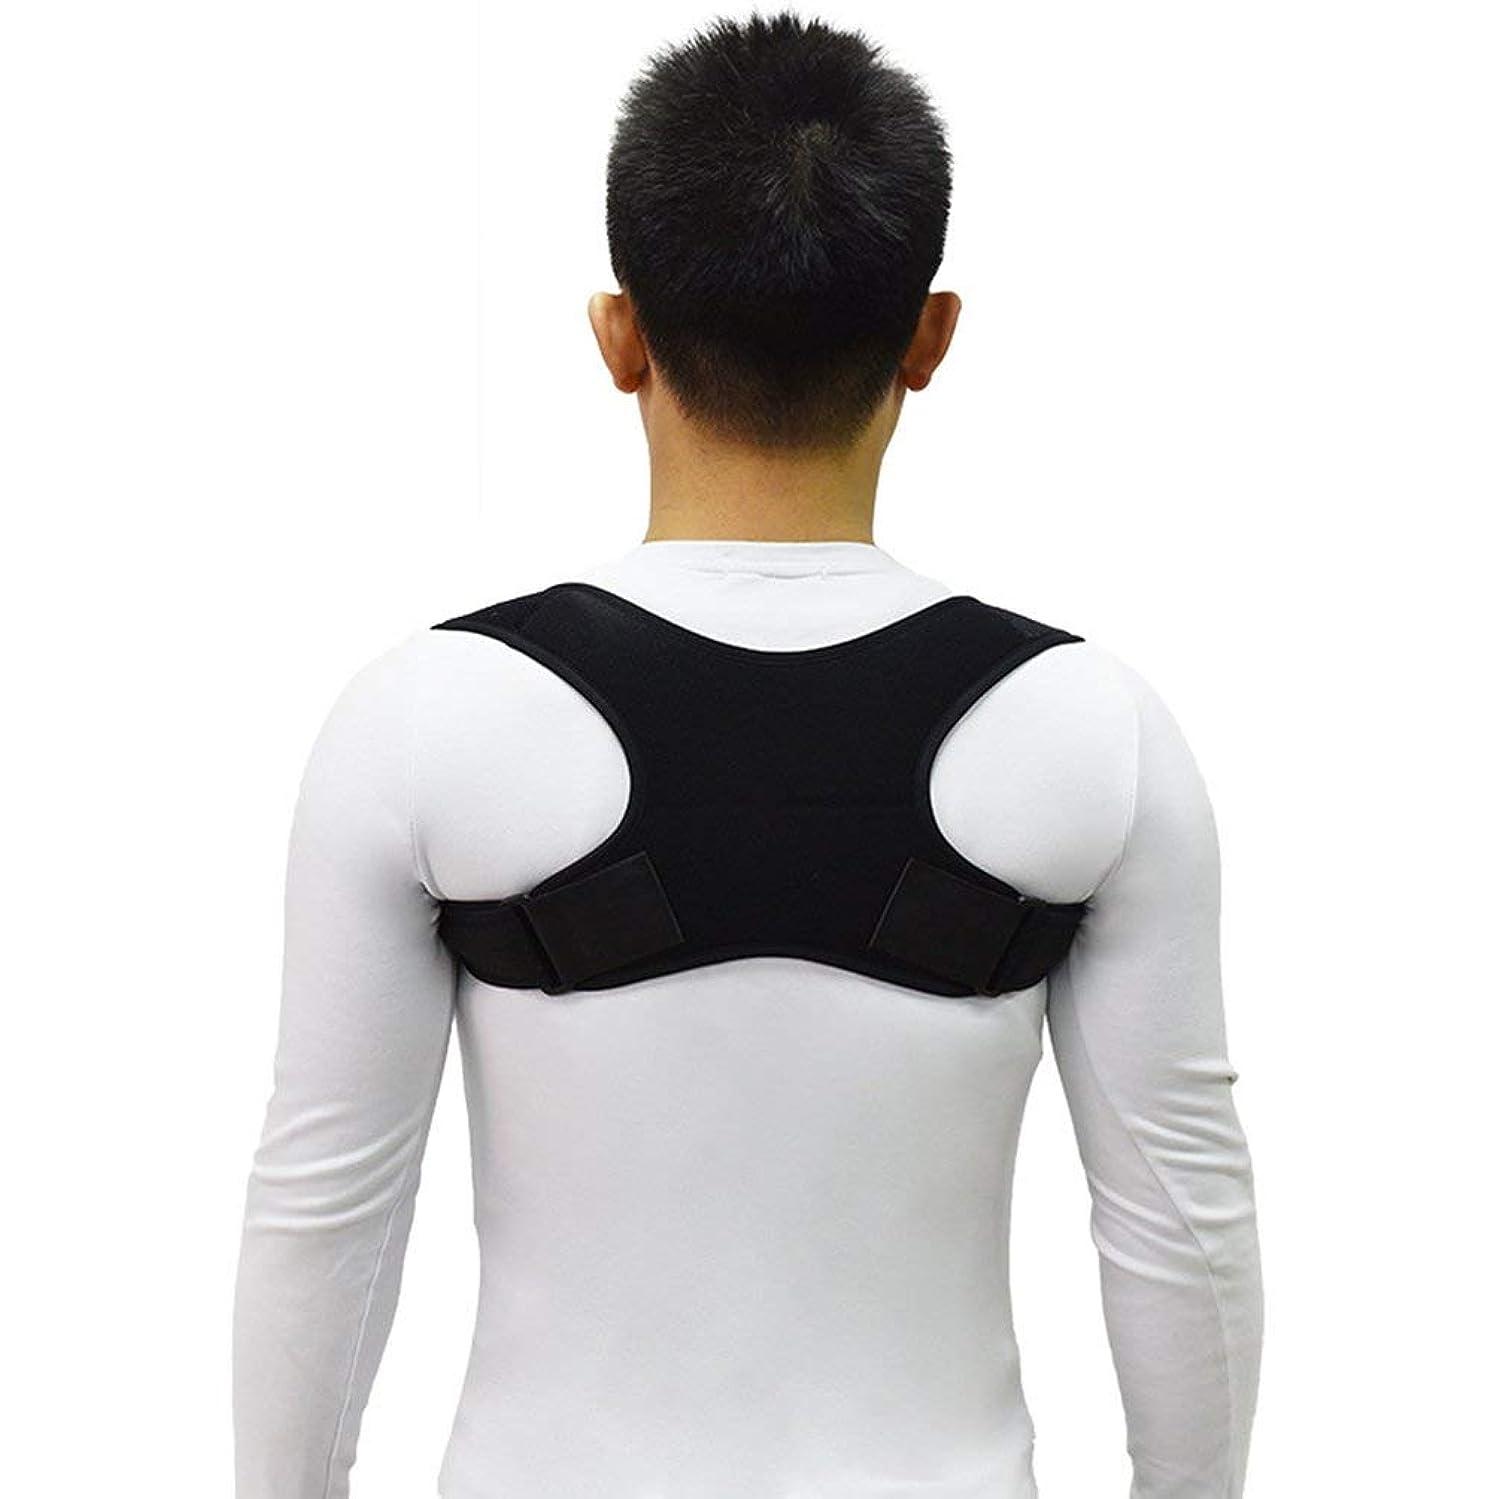 買い物に行く運ぶ管理者新しいアッパーバックポスチャーコレクター姿勢鎖骨サポートコレクターバックストレートショルダーブレースストラップコレクター - ブラック